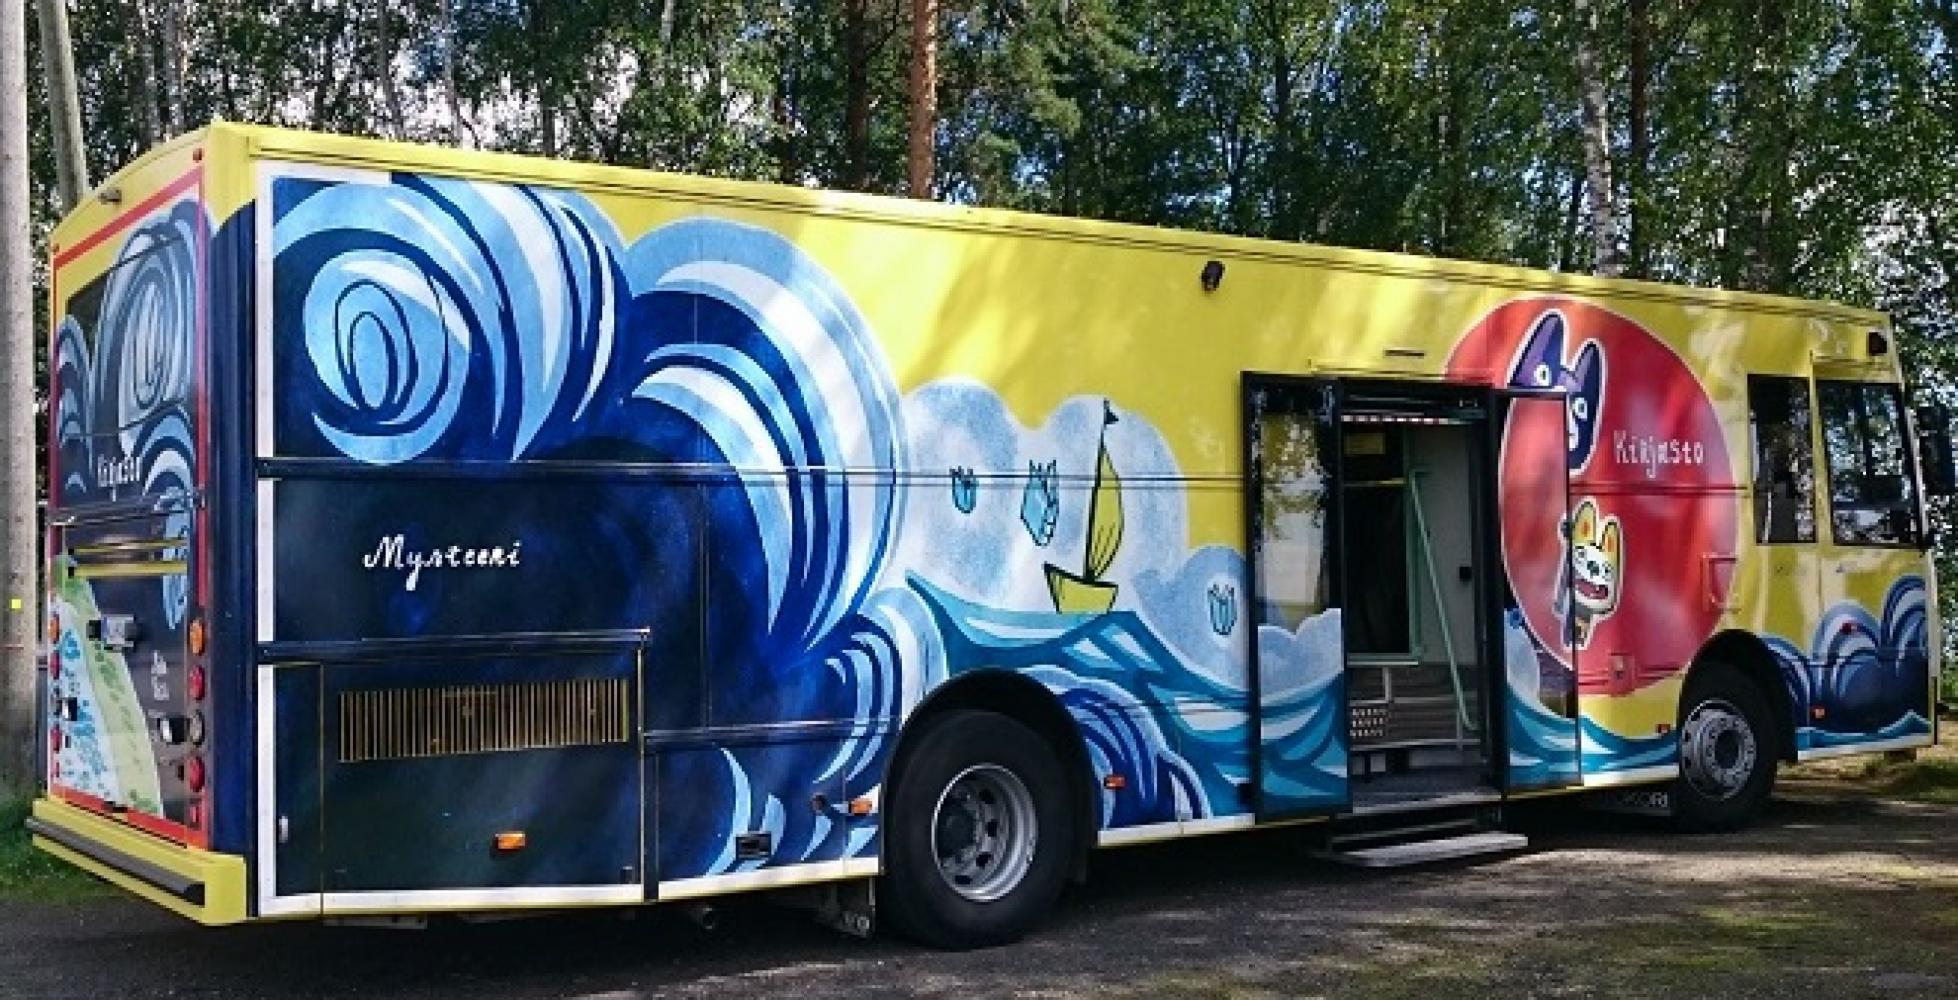 Joensuun kirjastoauto